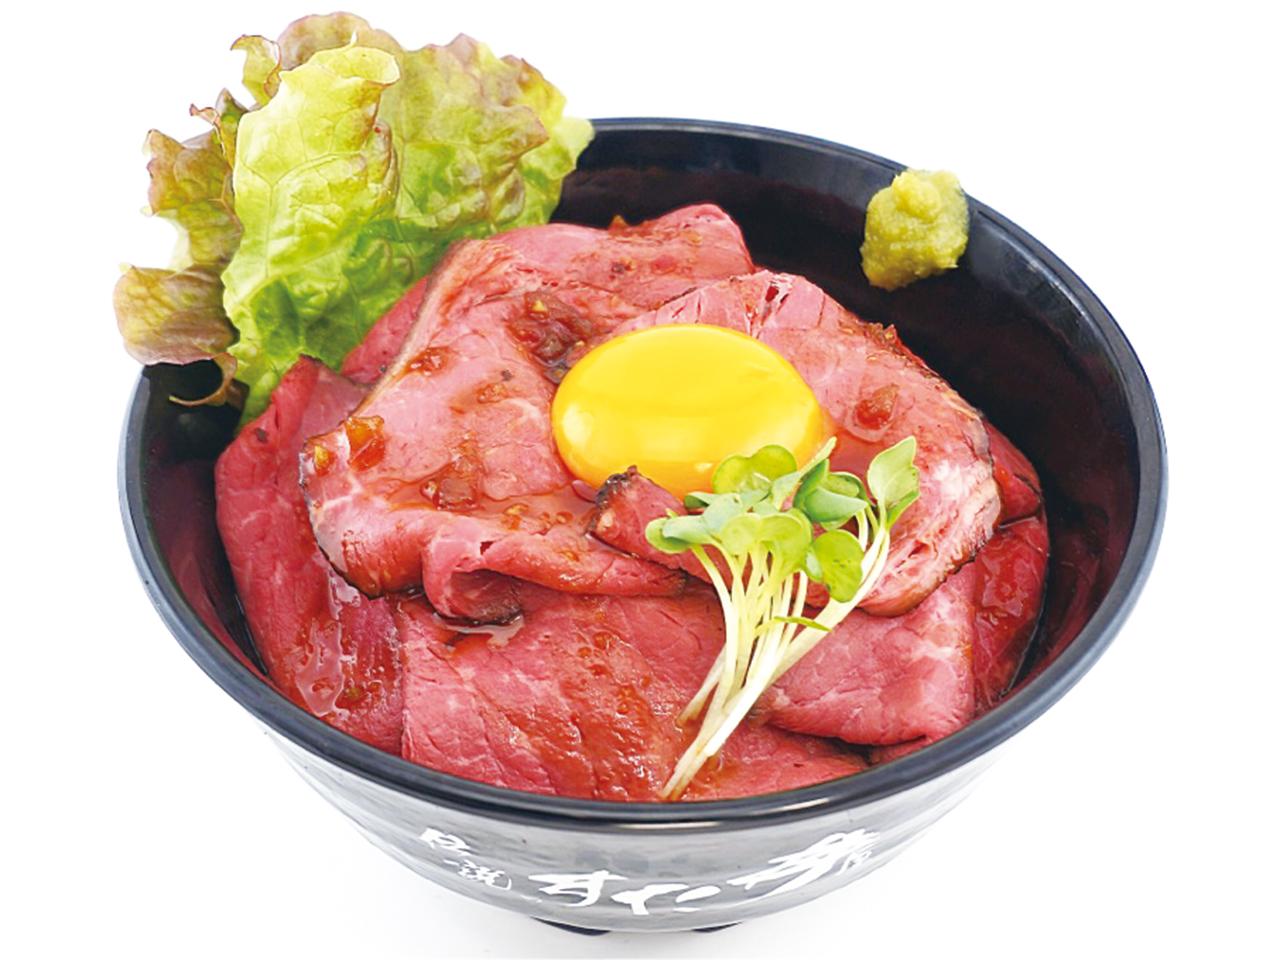 この一皿で思いっきり肉料理を満喫! 肉肉カーニバル!!